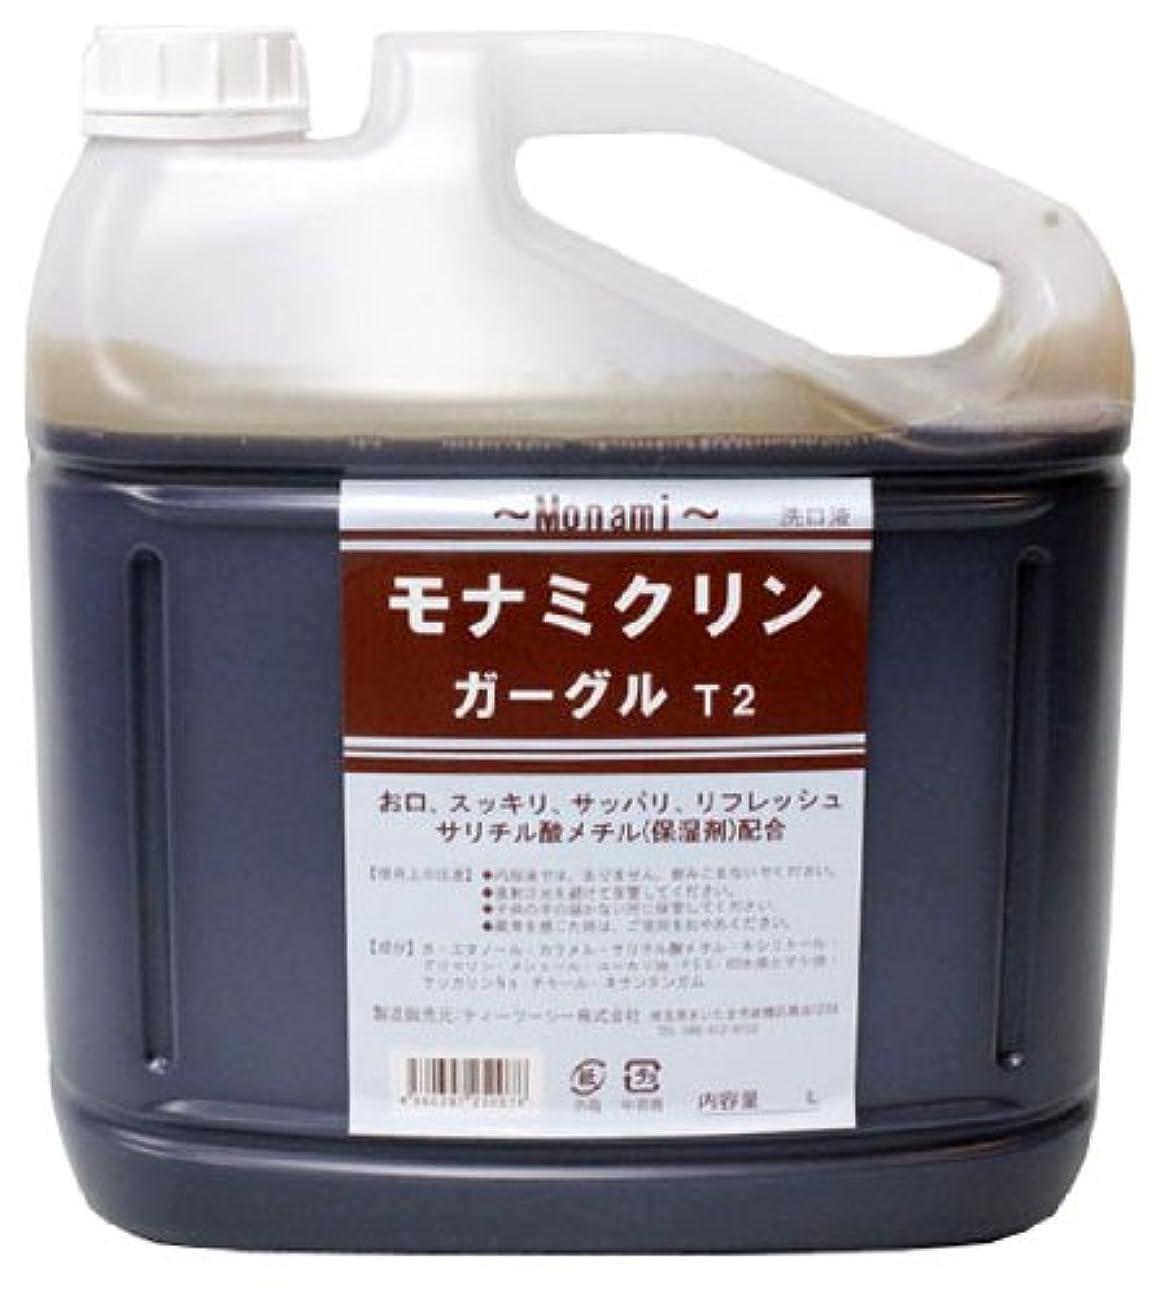 一晩削除する正確さ【業務用】モナミ クリンガーグルT2 5リットル サリチル酸メチル配合